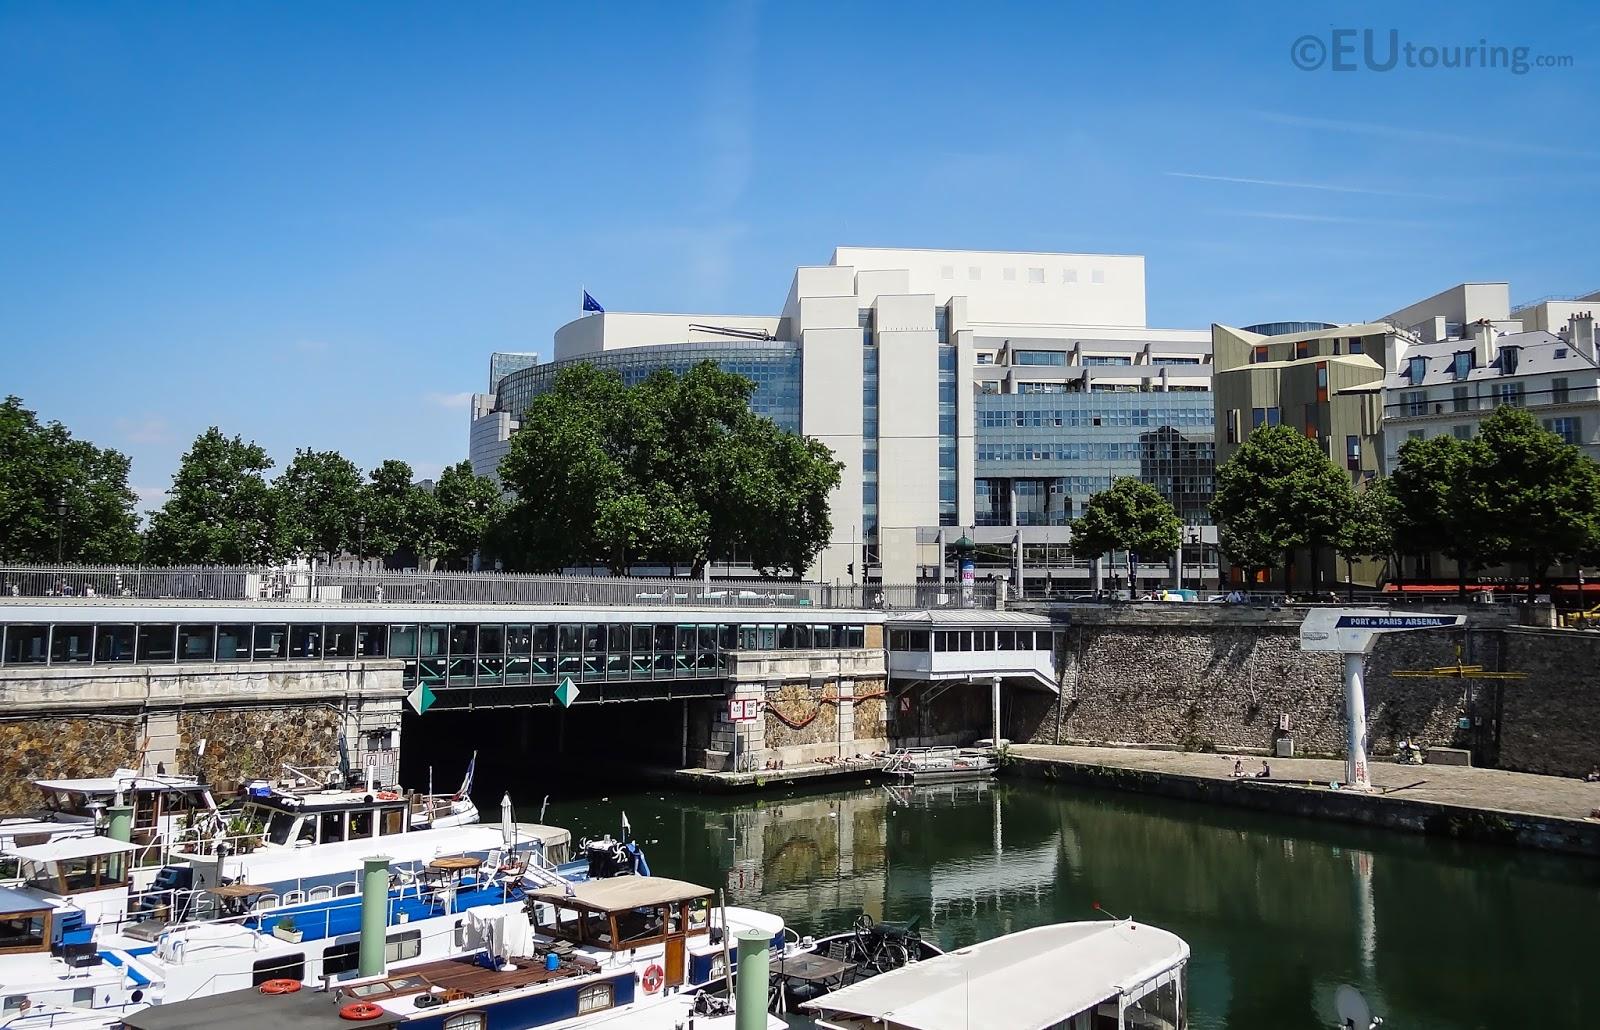 Port de l 39 arsenal and opera bastille - Port de l arsenal paris ...